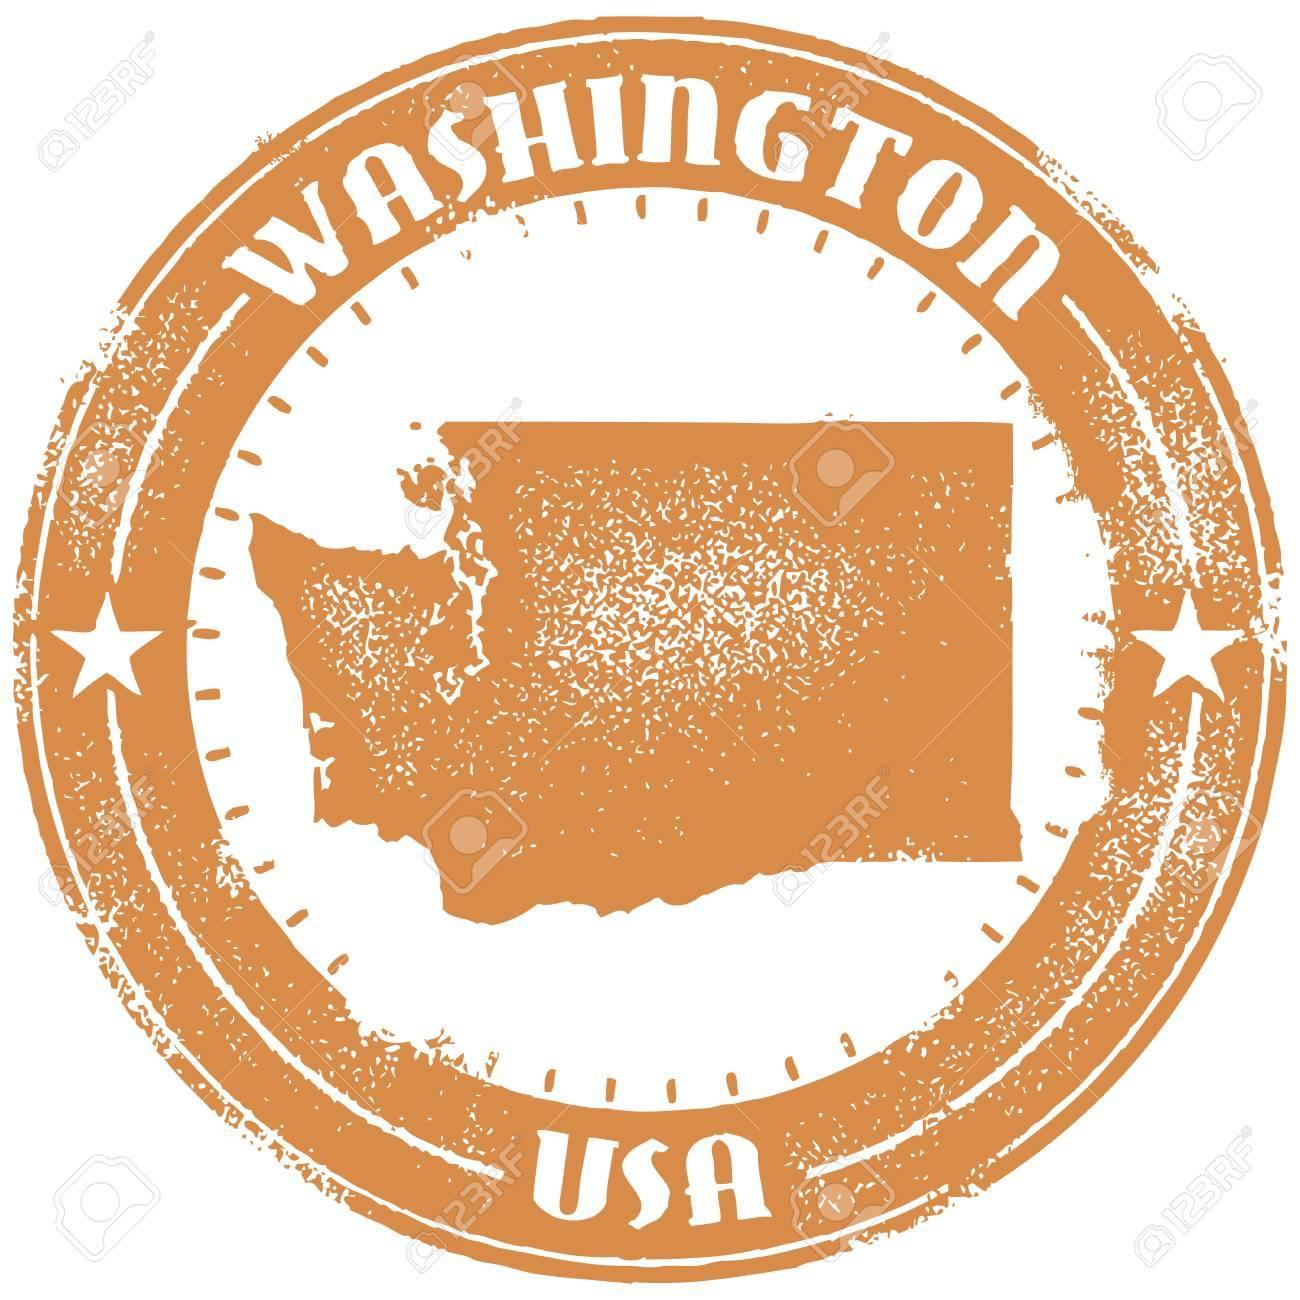 Washington USA State Stamp Stock Vector - 18284549